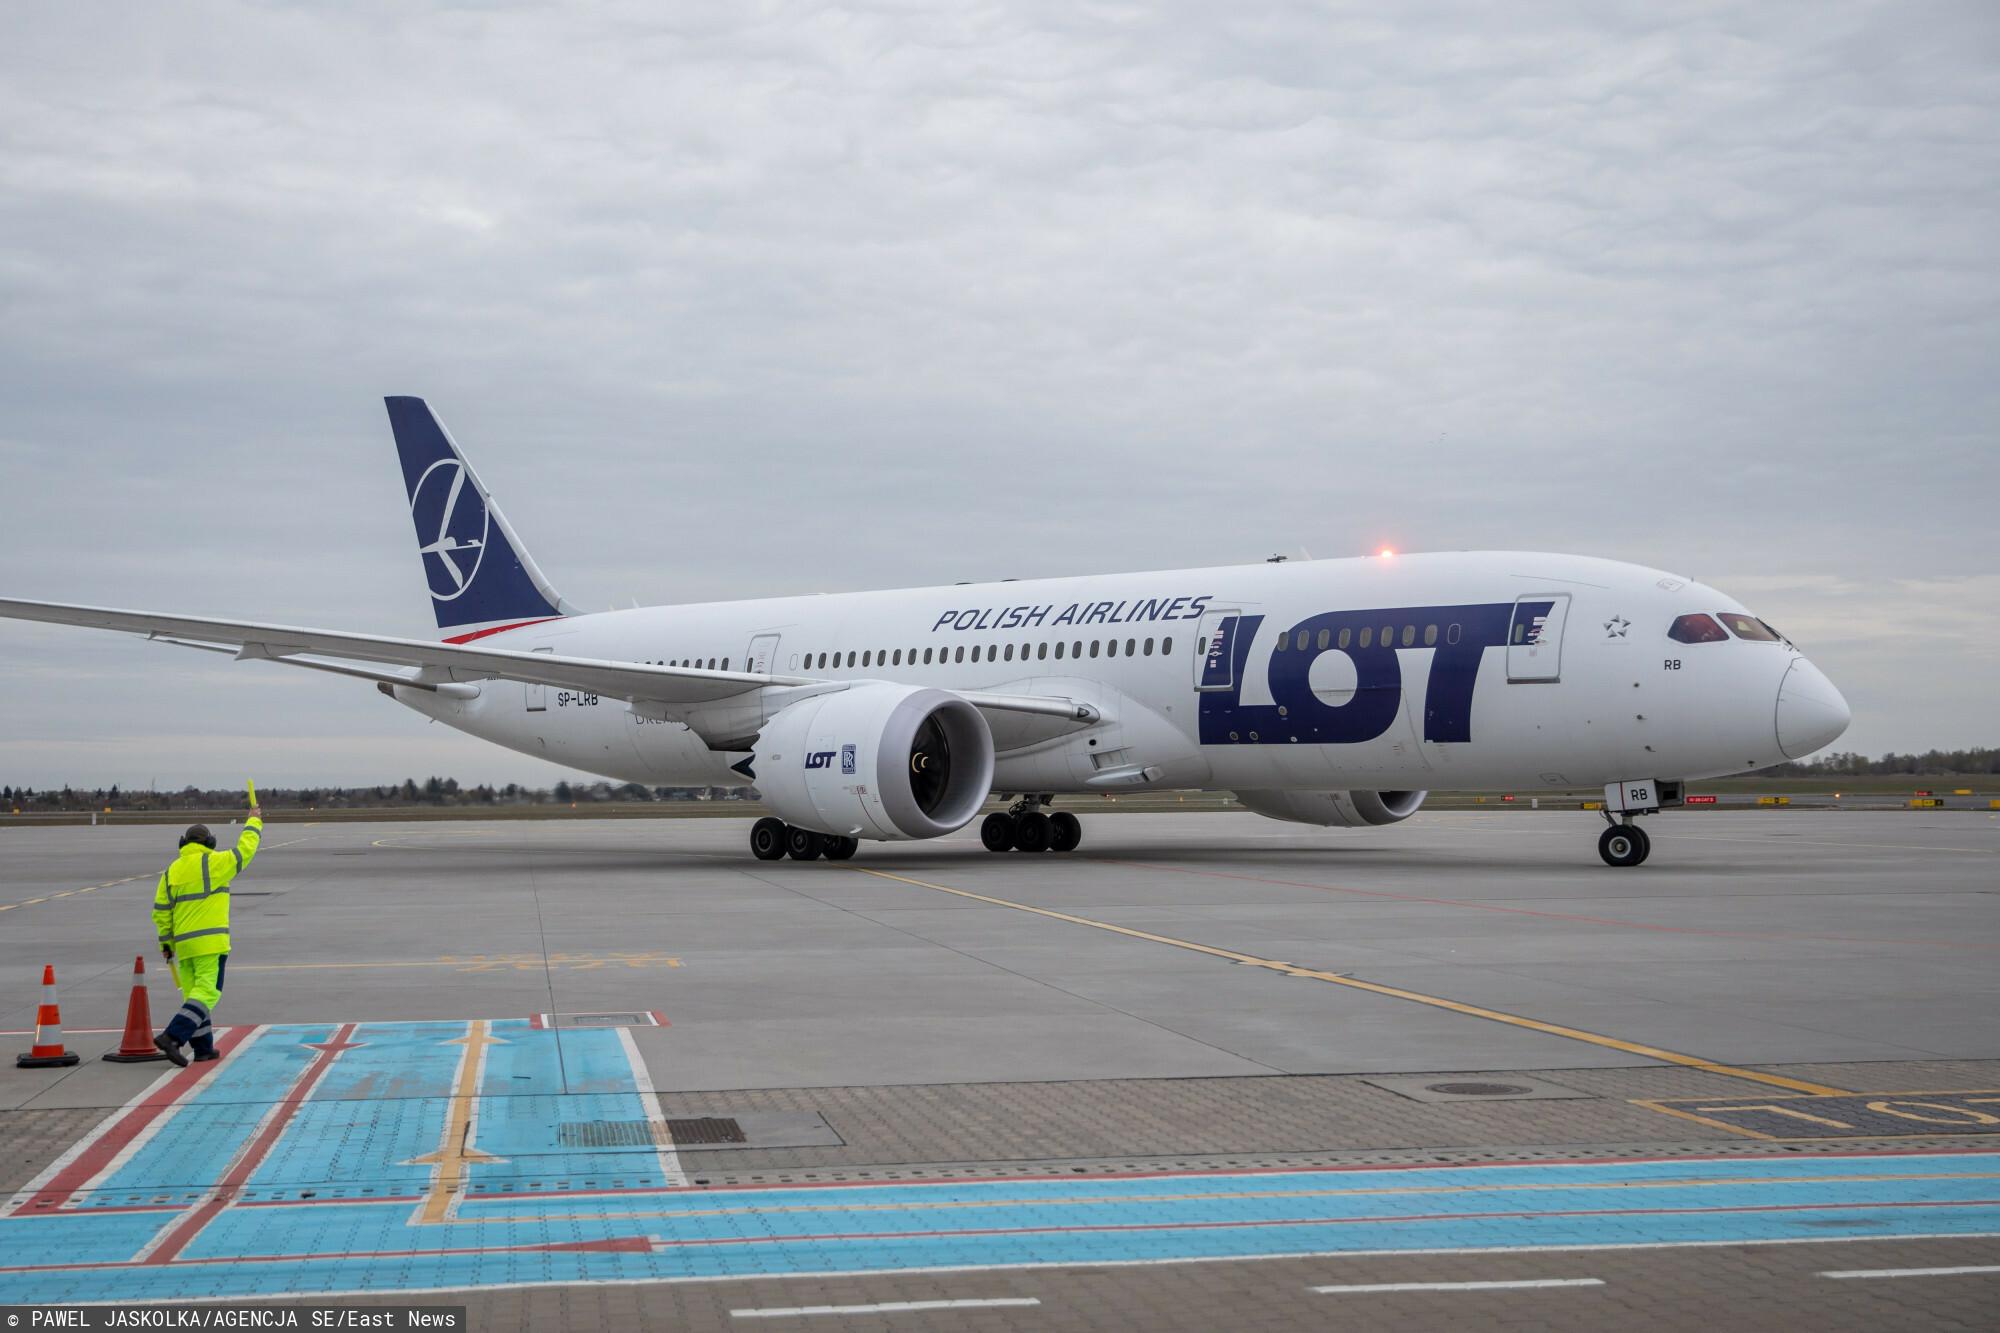 samolot polskich linii lotniczych LOT